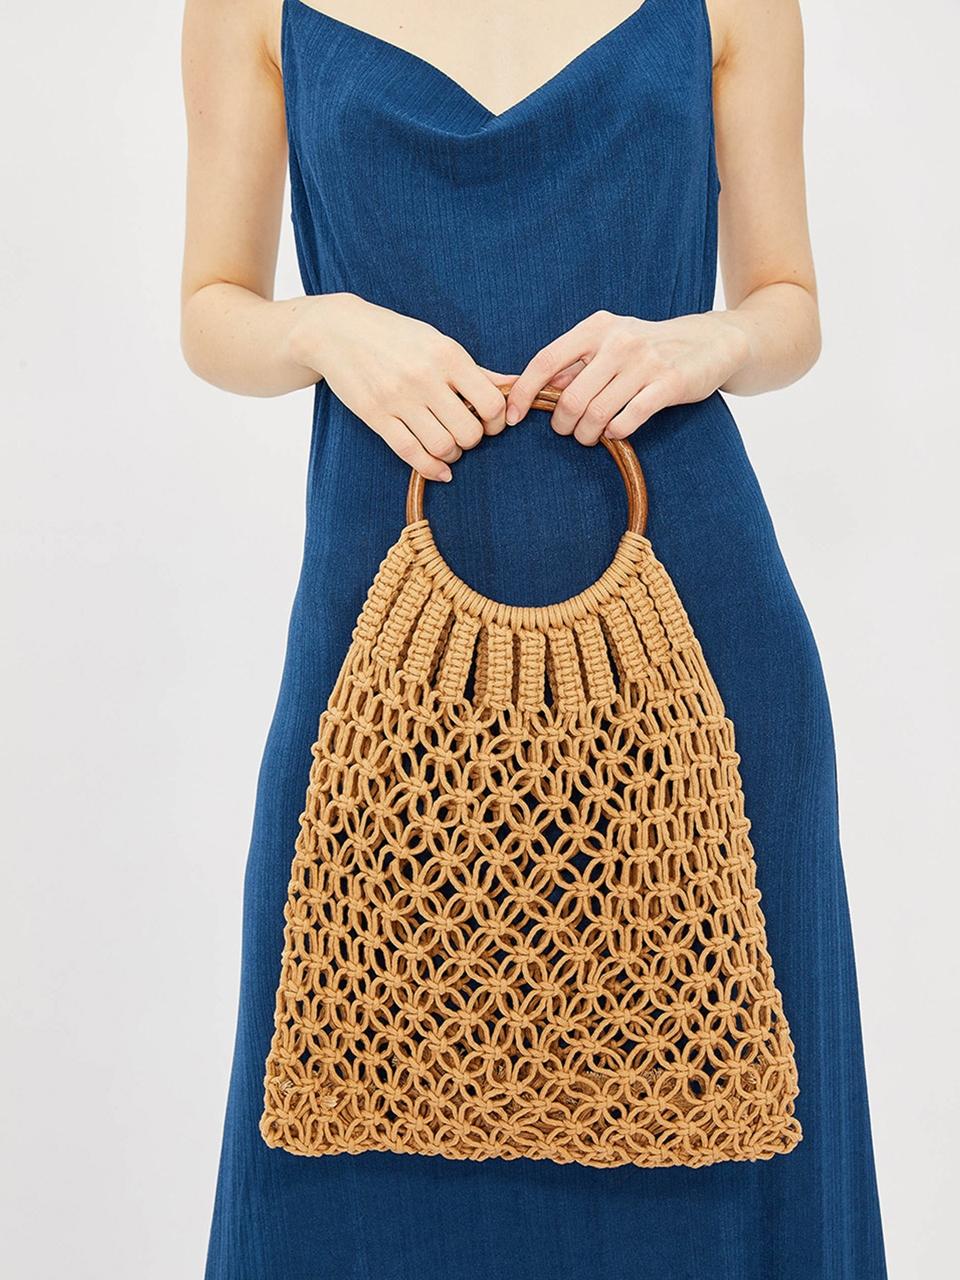 Wooden Knit Bag